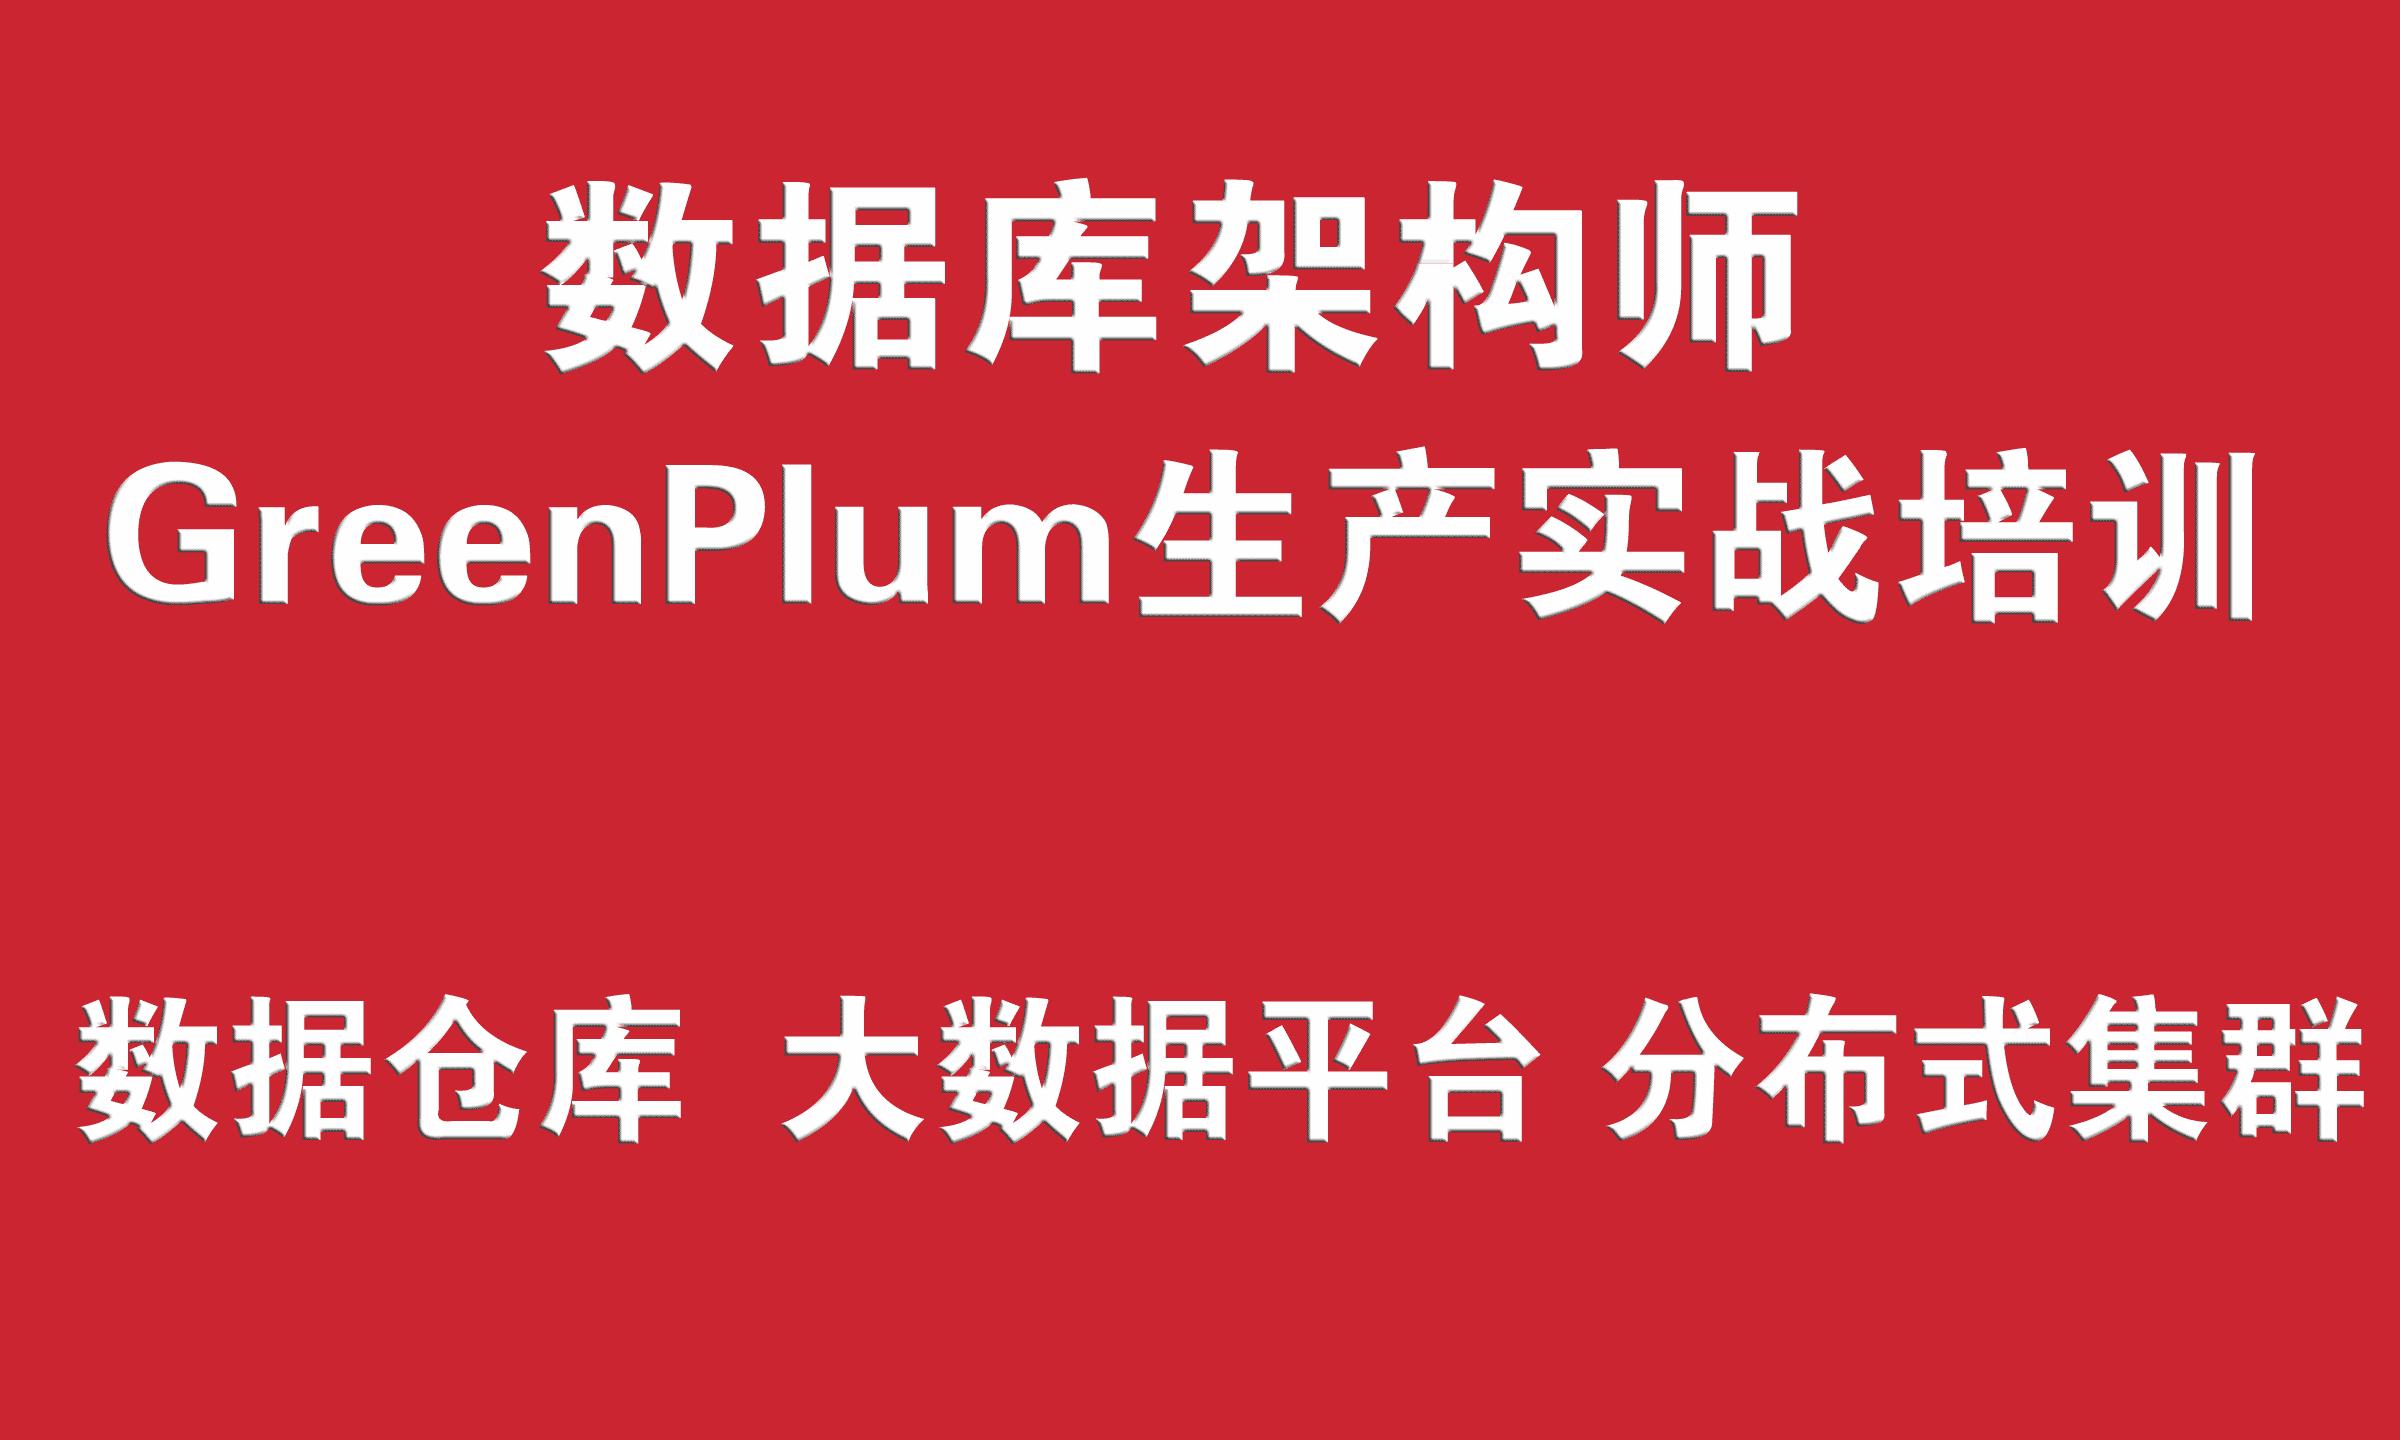 GreenPlum分布式集群数据库培训实战教程(PB级大数据平台)